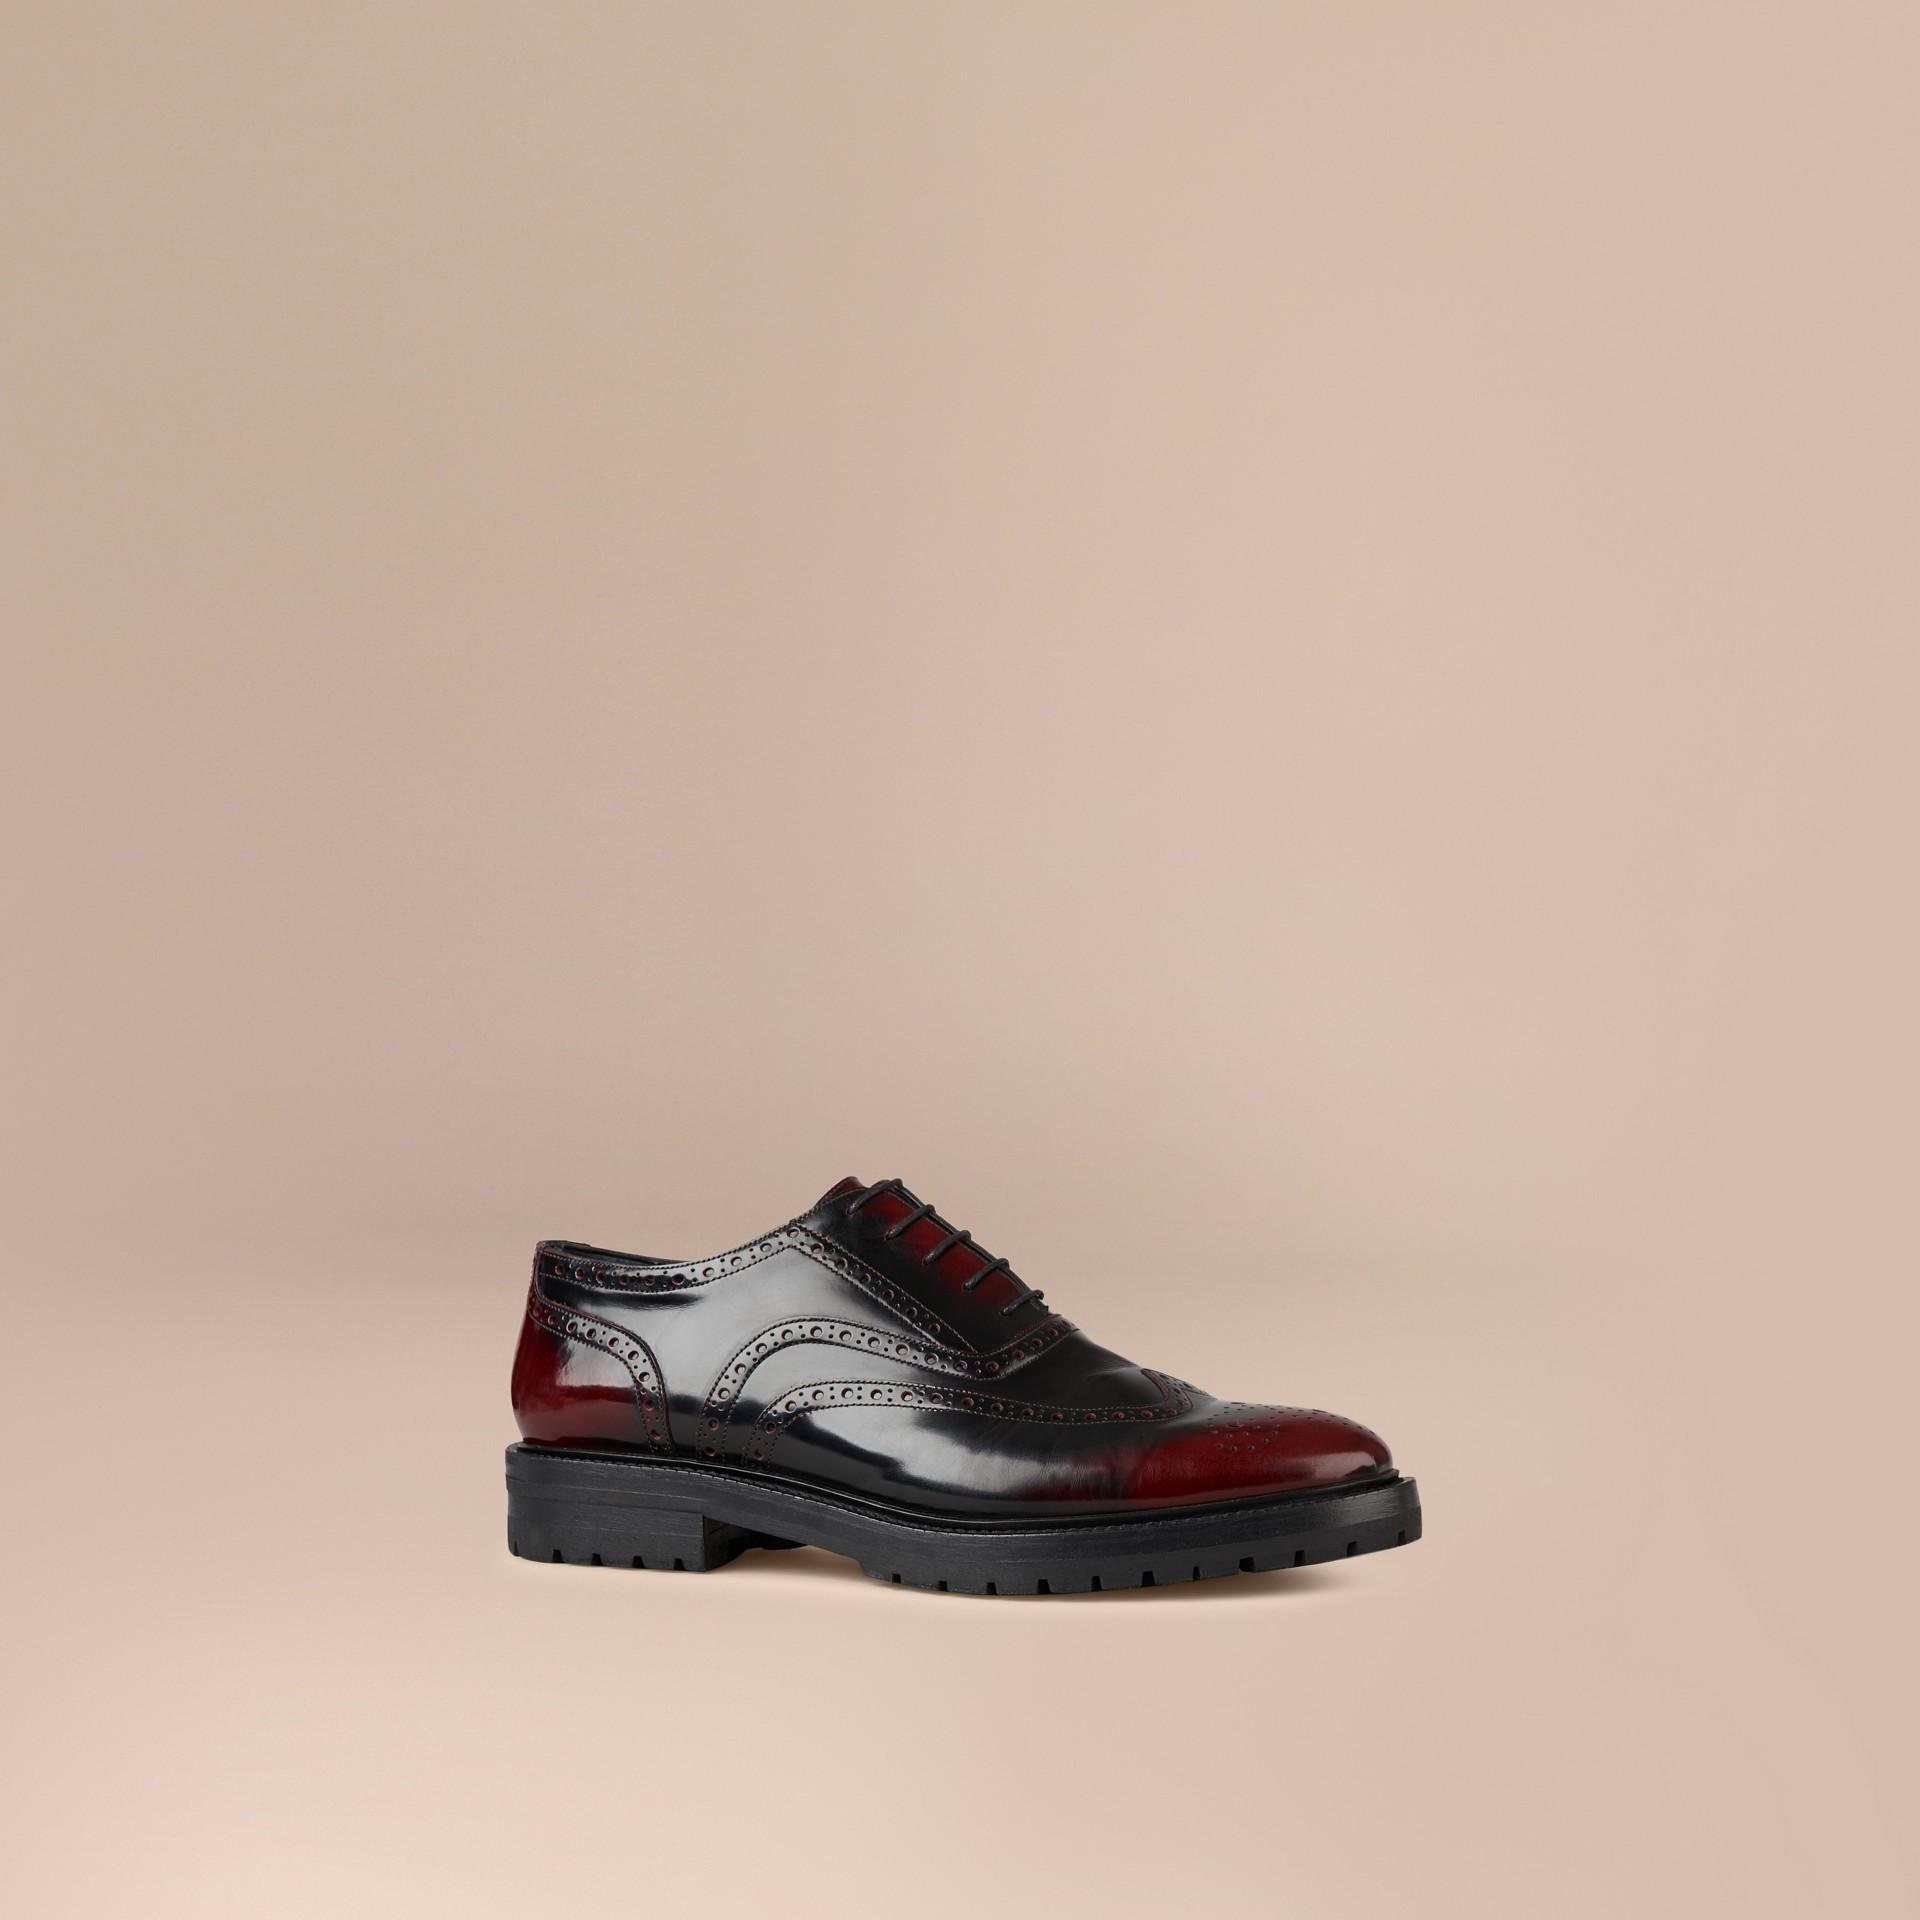 Bordô Sapato em estilo brogue e bico fino com sola de borracha - galeria de imagens 1